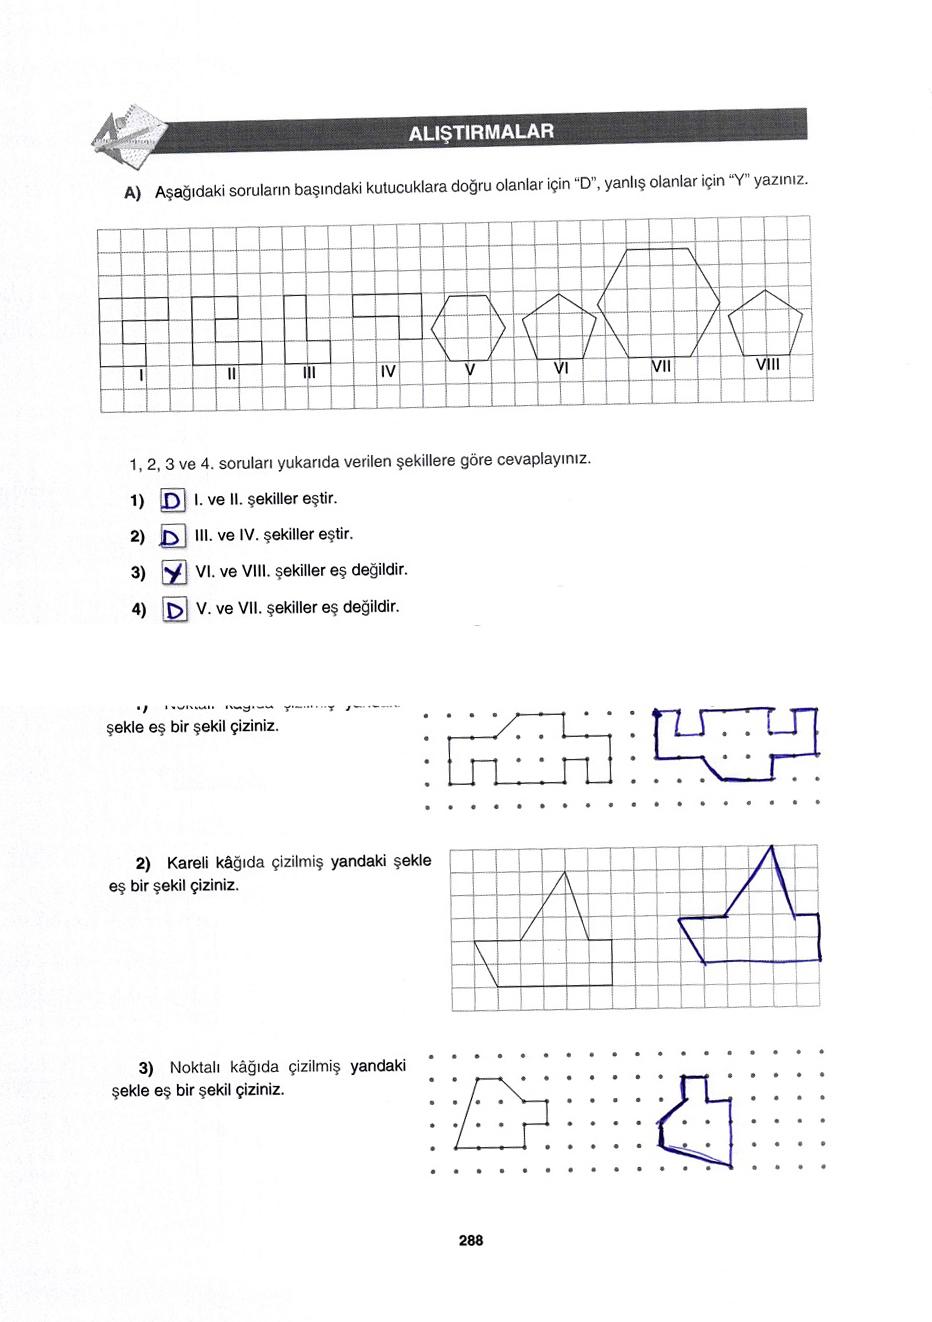 7 Sinif Gizem Yayinlari Matematik Ders Kitabi Soru Ve Cevaplari